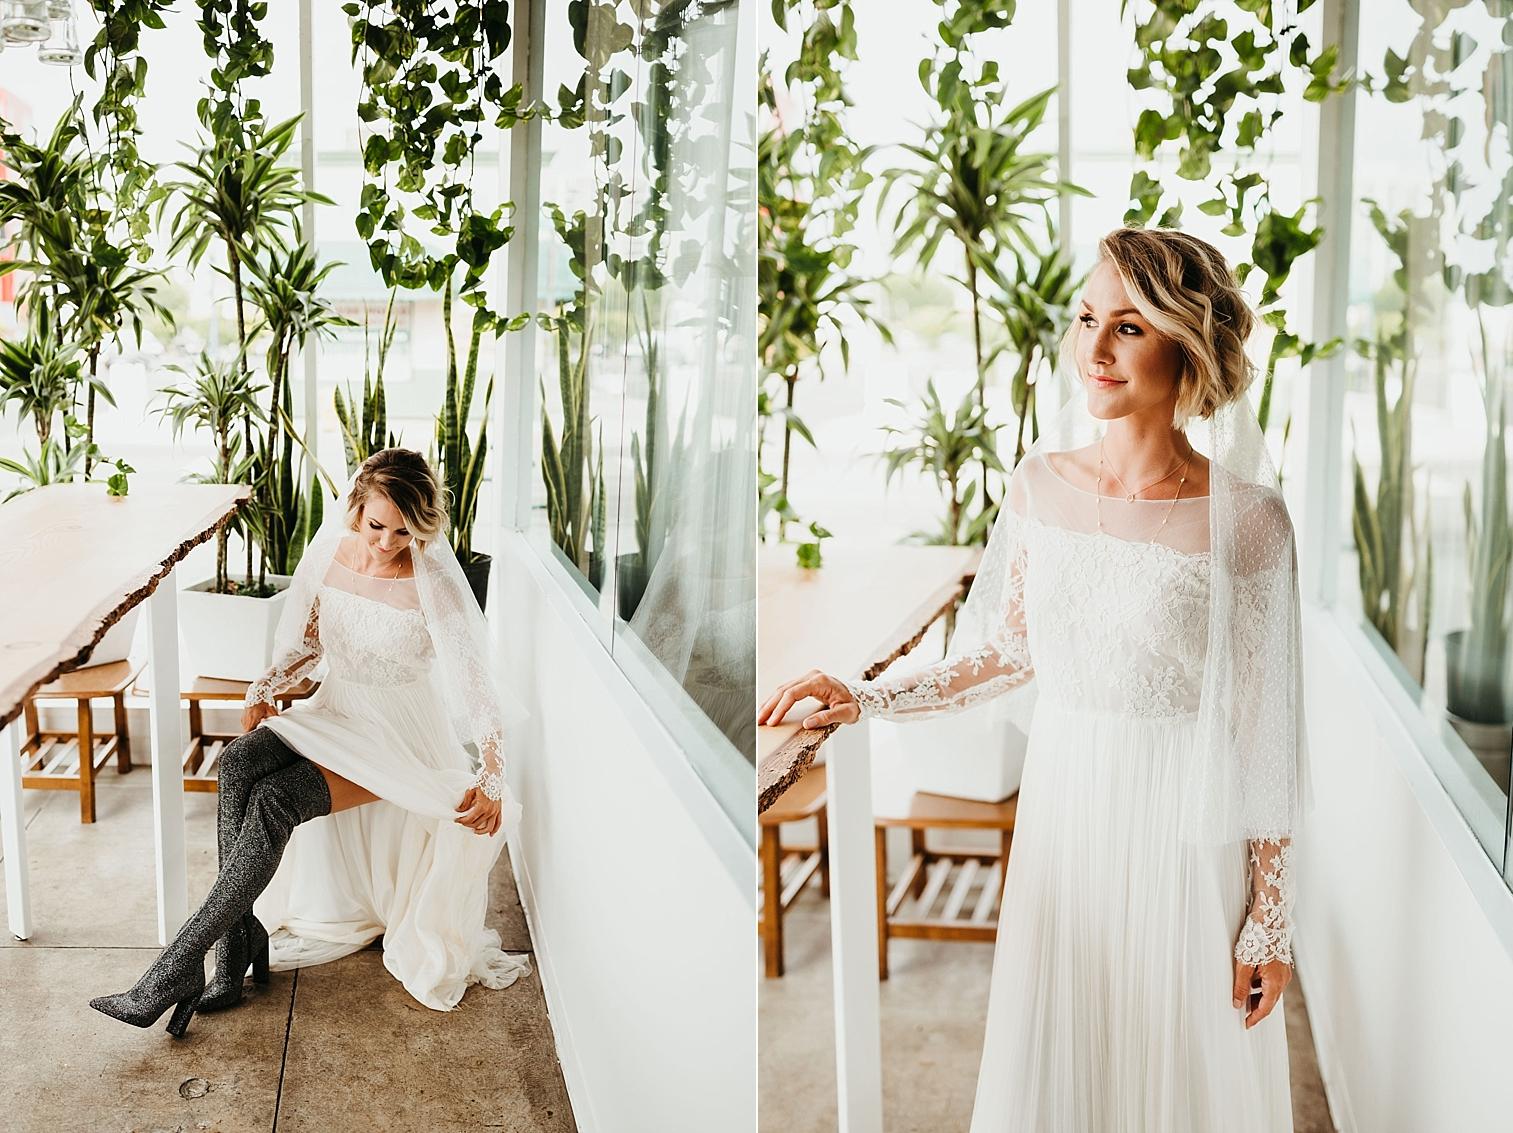 Fruitcraft-Hillcrest-San-Diego-Wedding-32.jpg